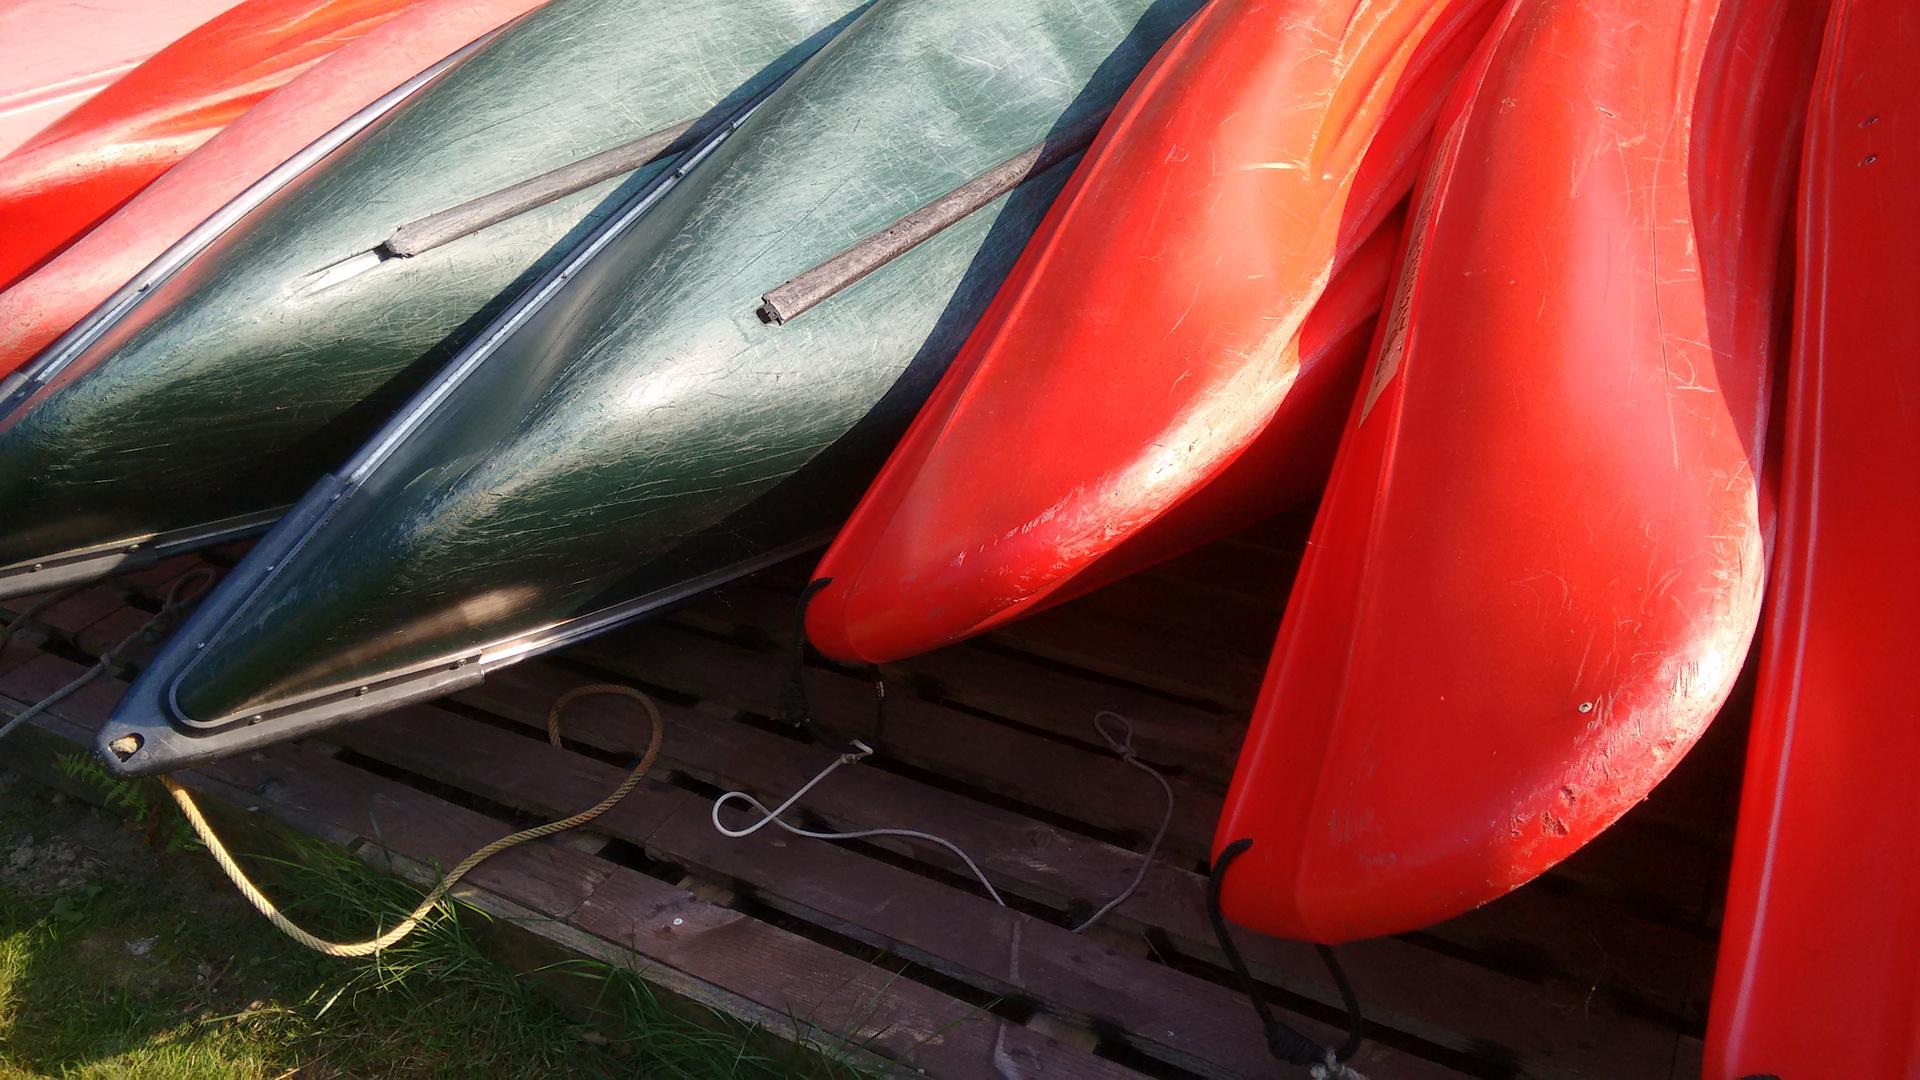 Kanus auf dem Trockenen